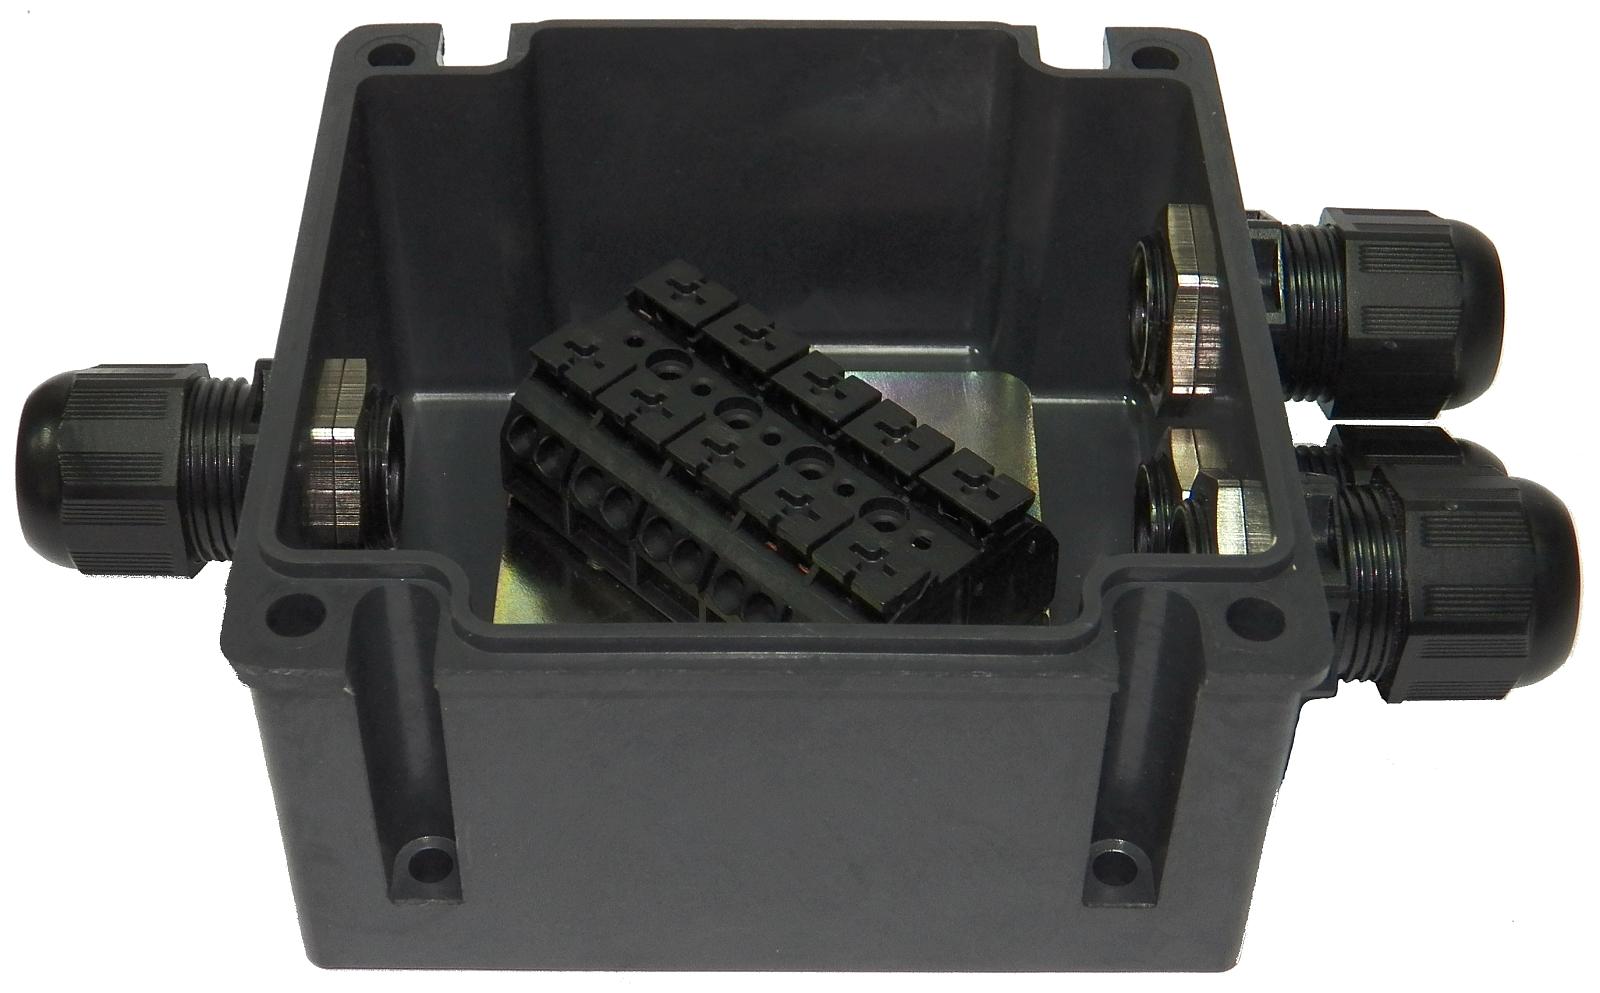 Skrzynka przeciwwybuchowa zaciskowa typu SPZ (690V, 25A lub 32A)